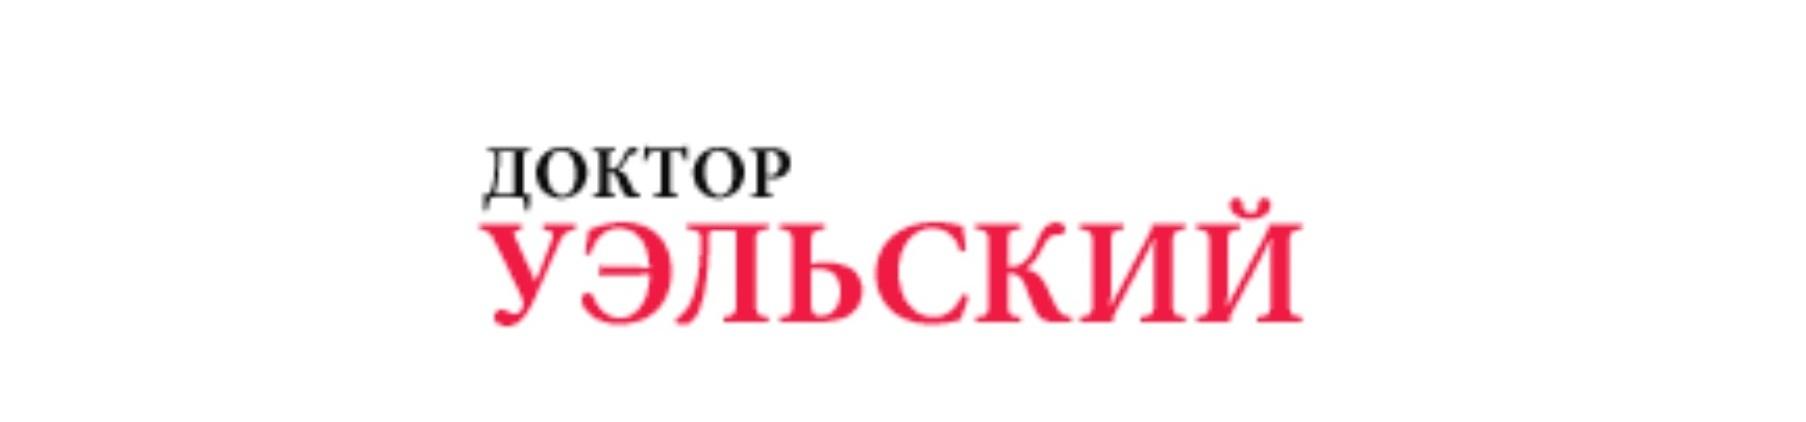 """Медицинский центр """"Урологический кабинет доктора Уэльского"""""""